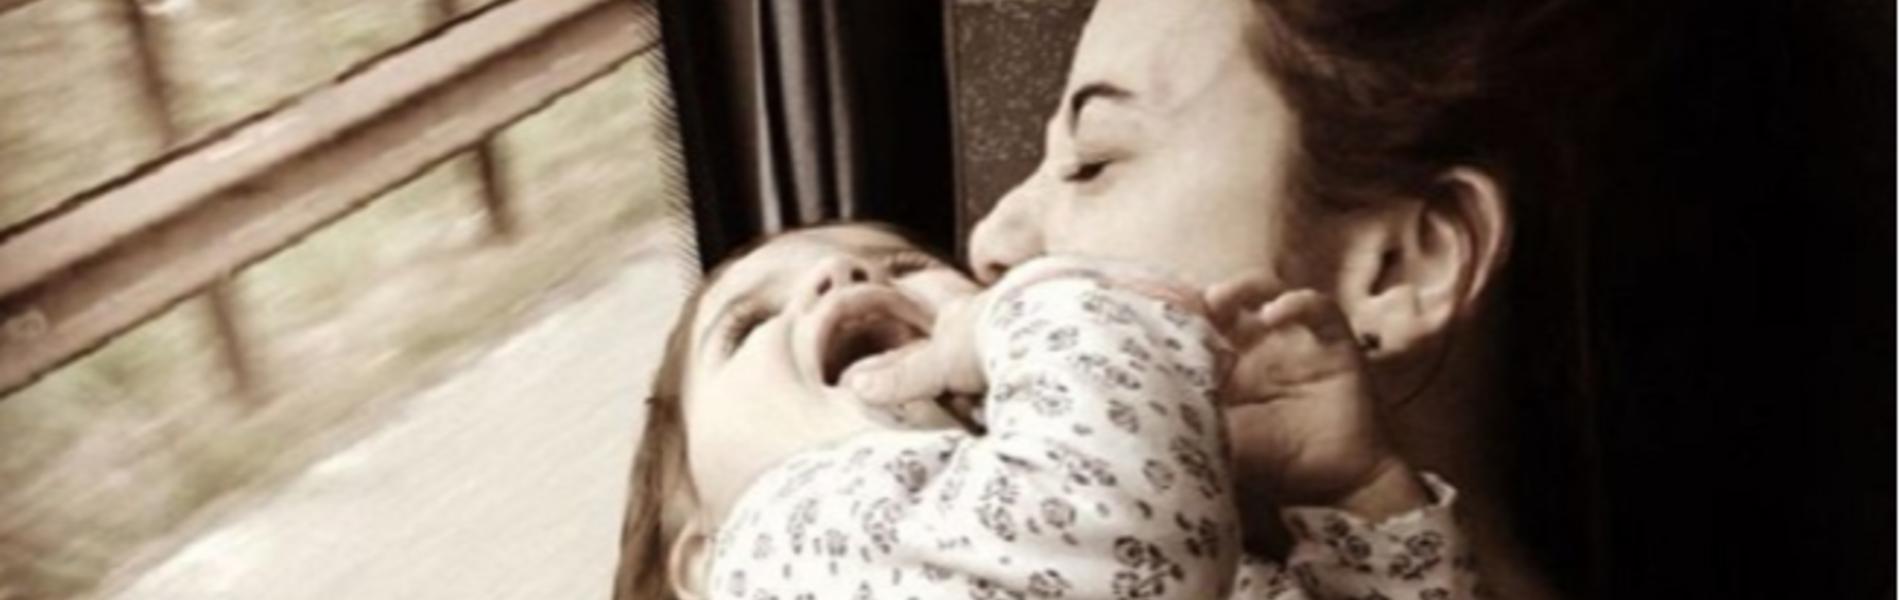 קיילי ג'נר לא לבד: המפורסמות שמסתירות את הילדים שלהן מהרשת